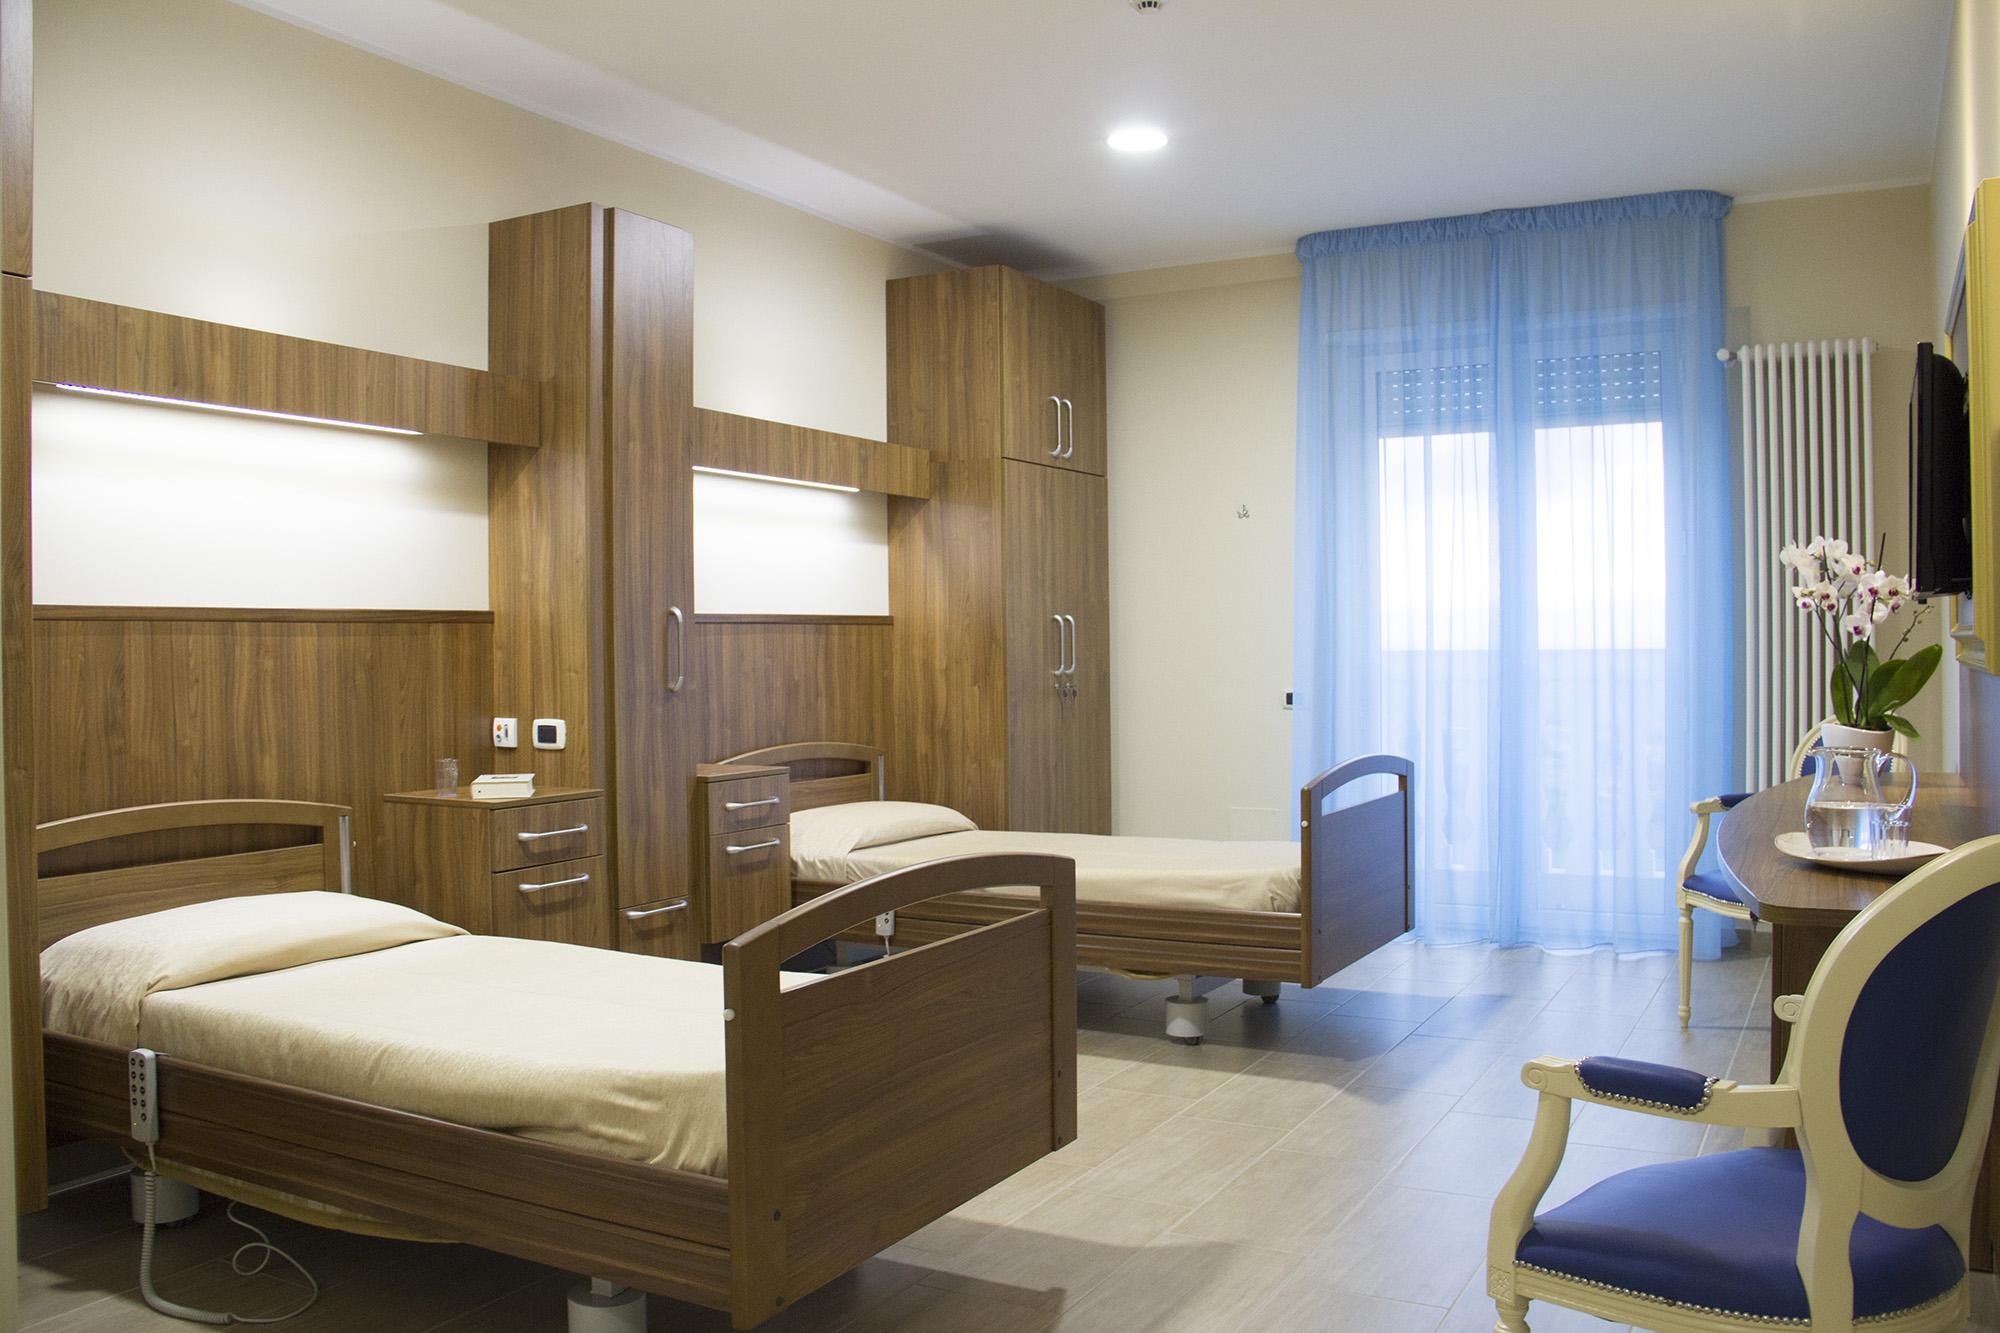 Palazzo mariano rsa casa di riposo e ospitalit per for Piani perfetti per la casa di riposo